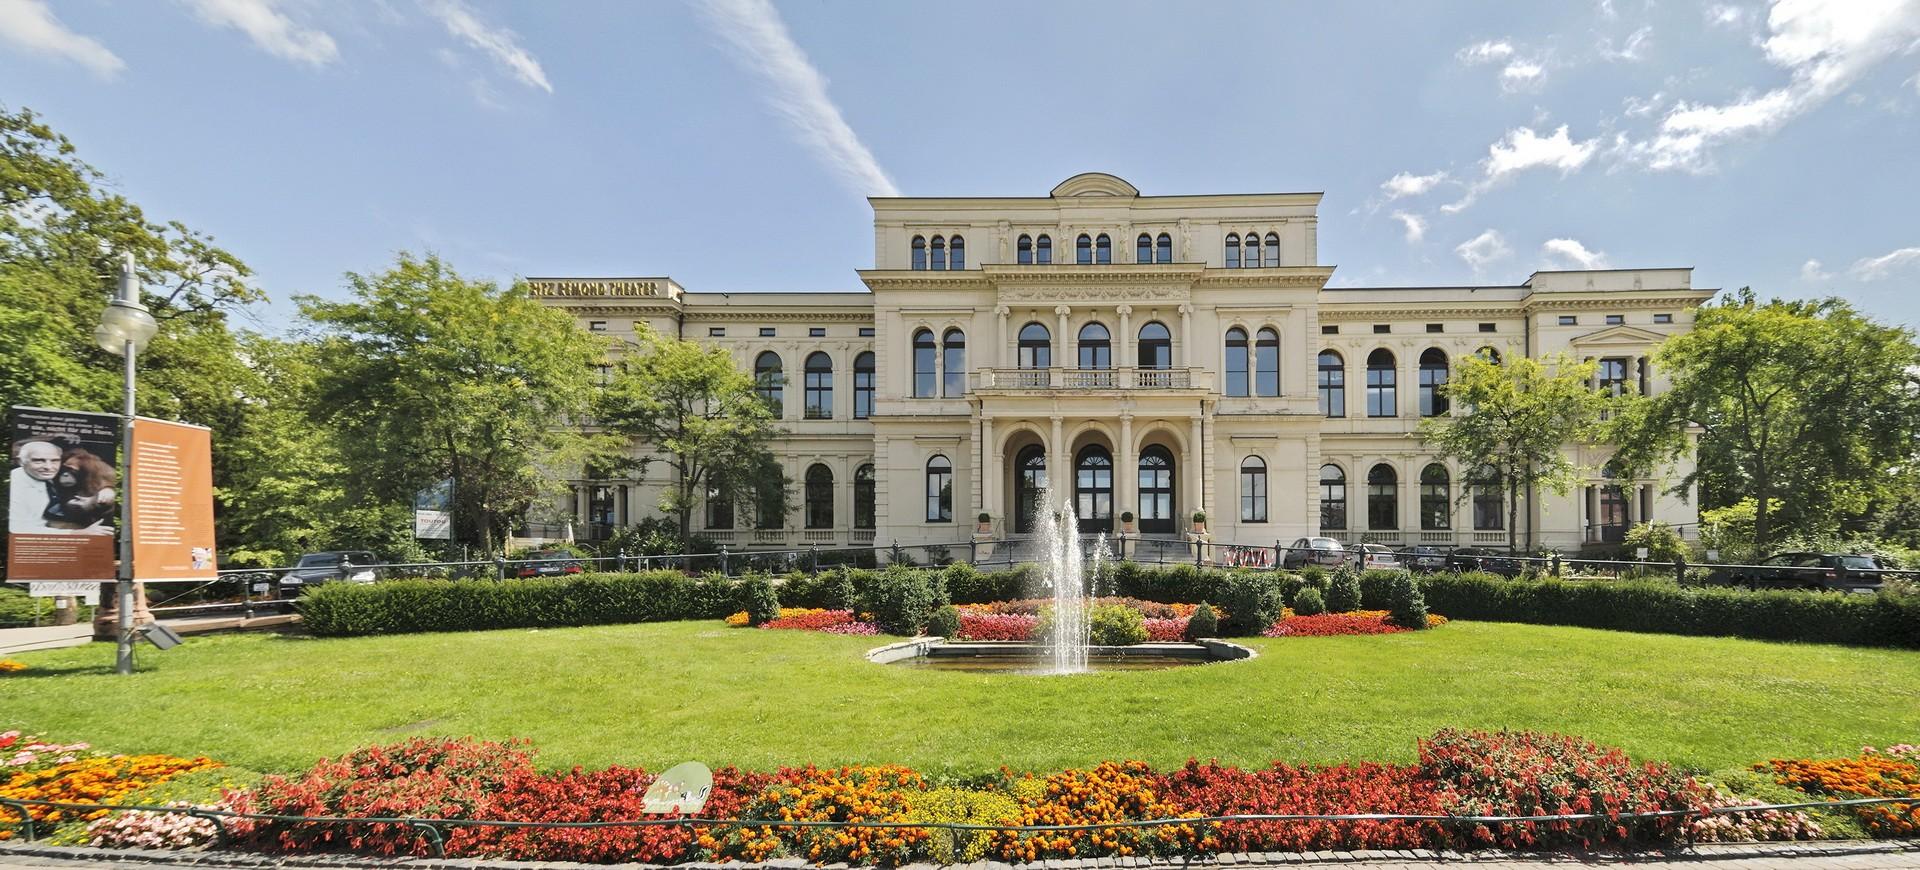 Ritz Remond Théâtre à Francfort en Allemagne